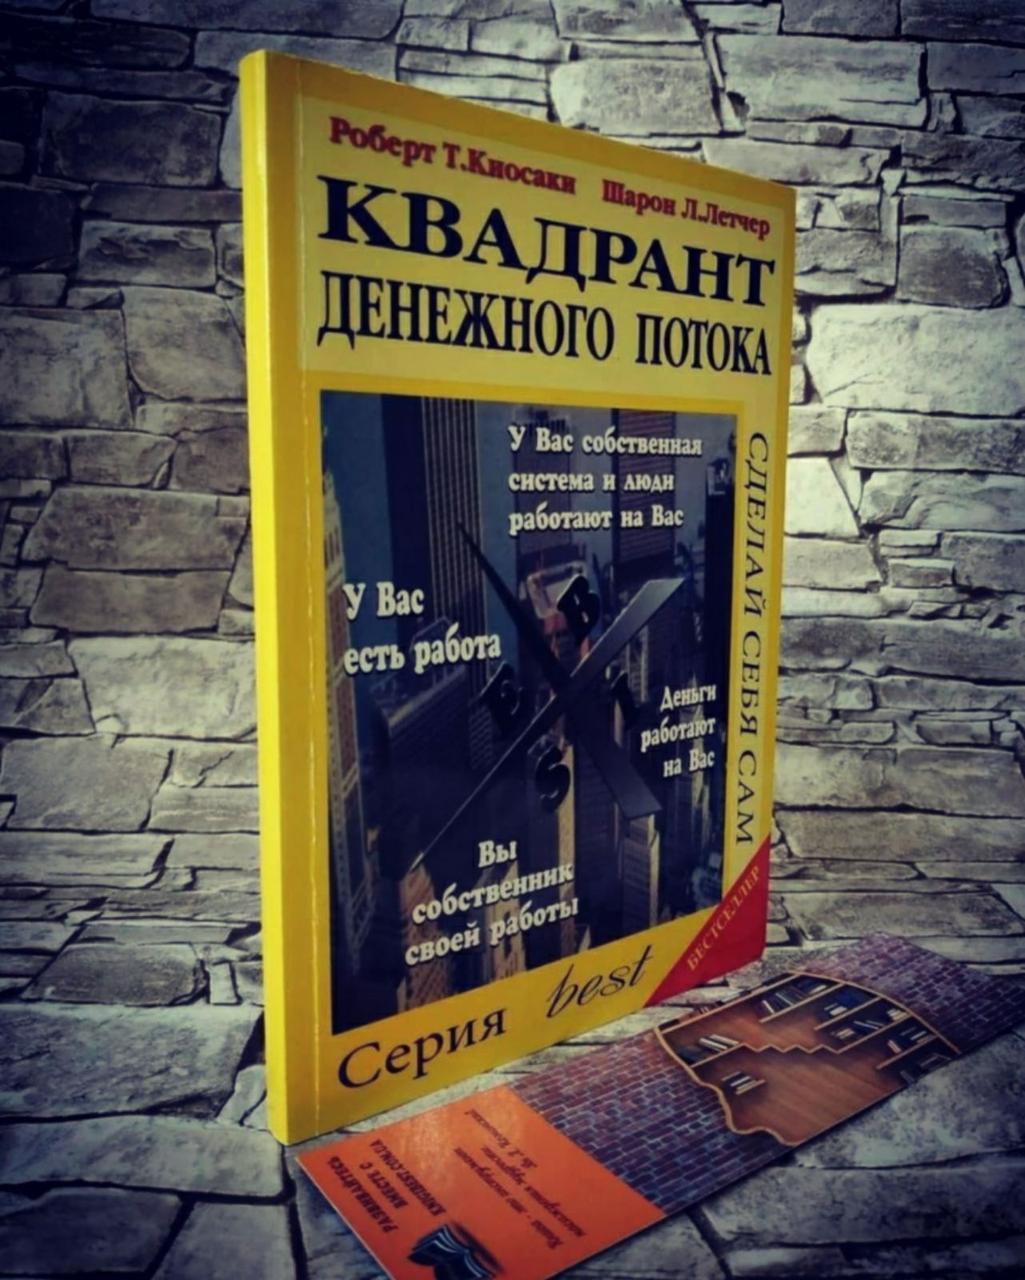 """Книга """"Квадрант денежного потока"""" Роберт Т. Кийосаки Шарон Л.Летчер"""